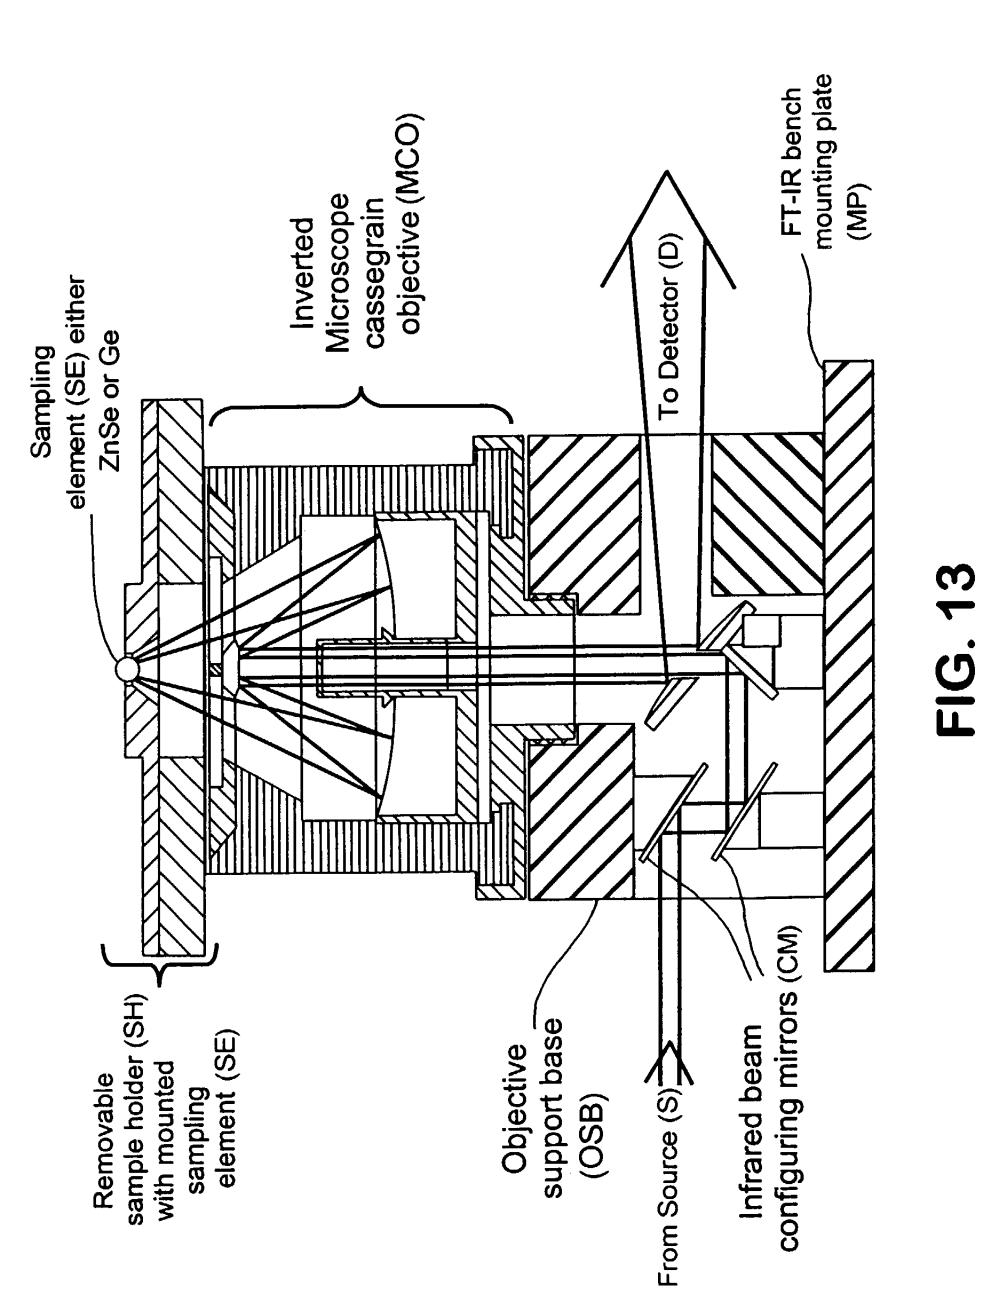 medium resolution of 02 maxima engine diagram